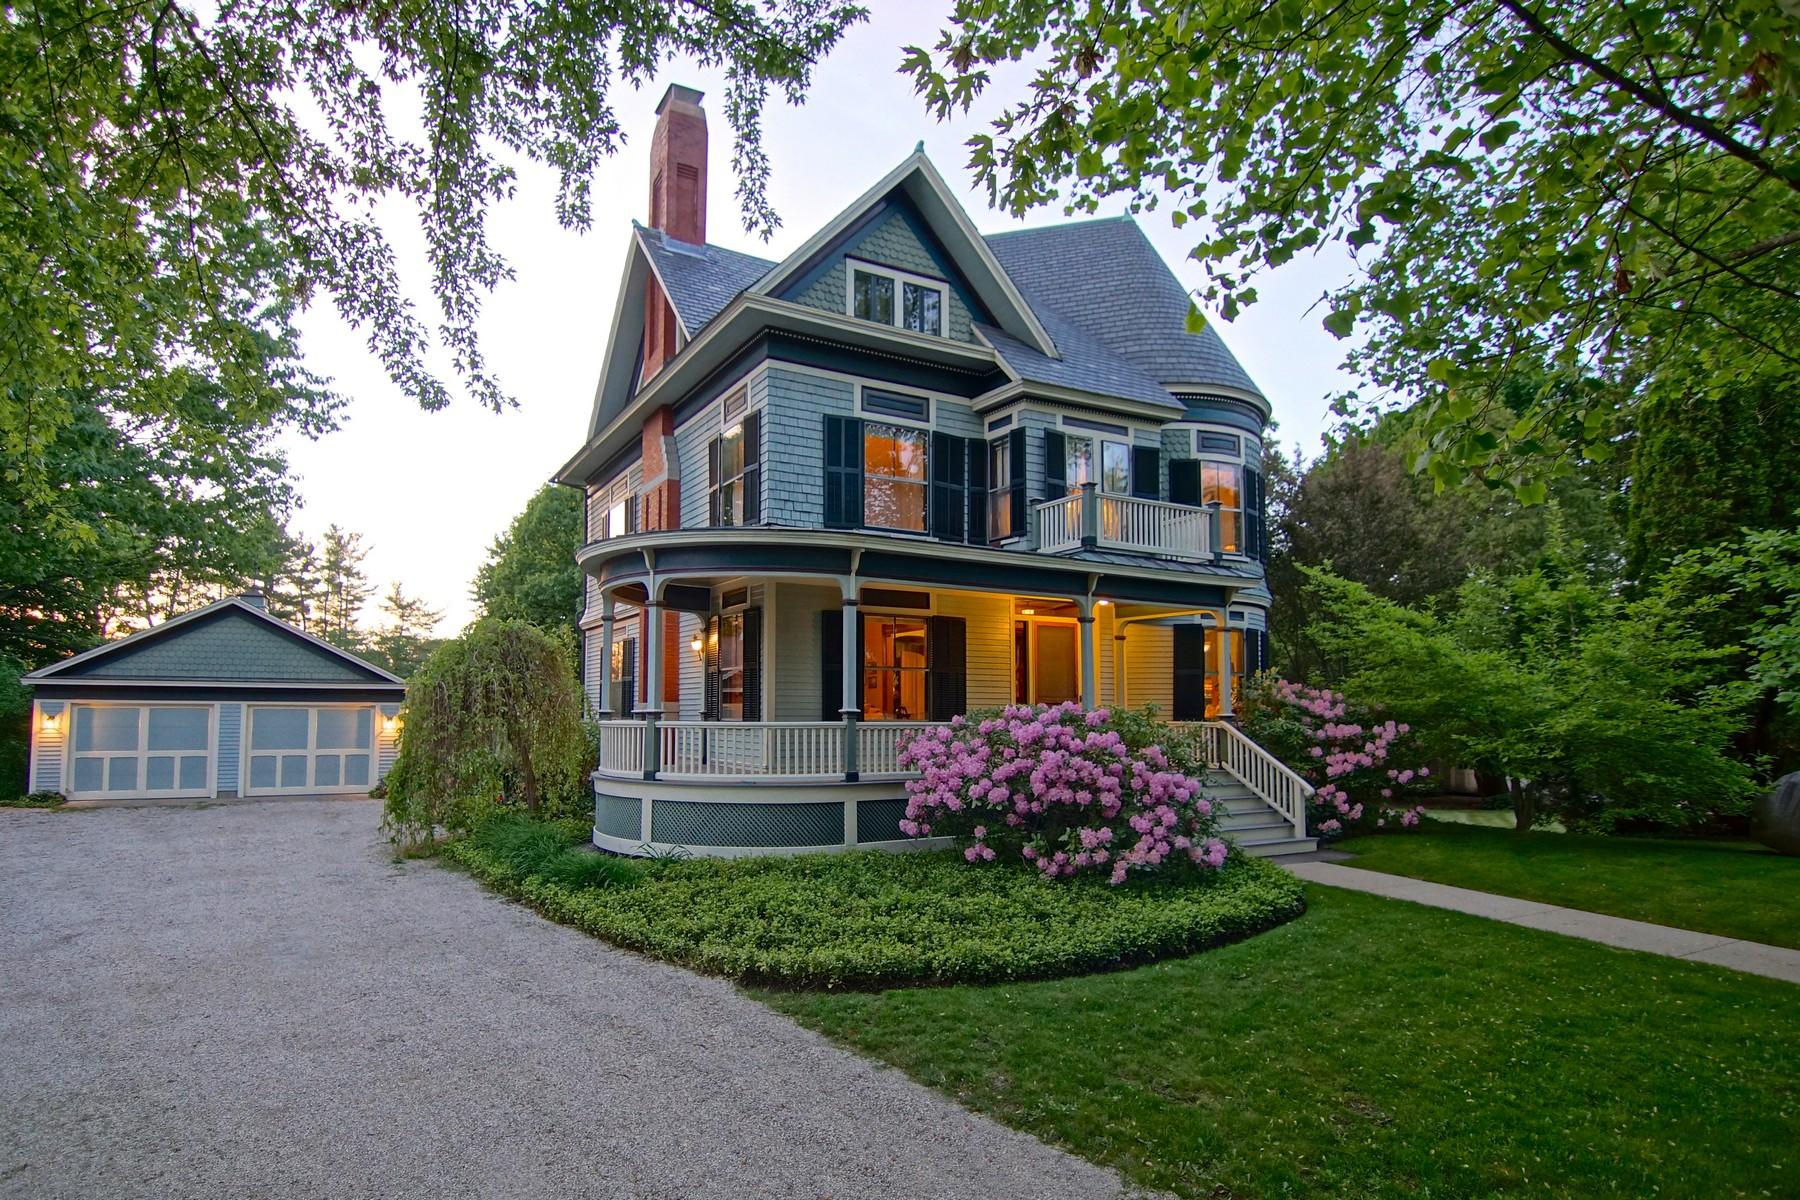 단독 가정 주택 용 매매 에 Queen Anne Style Colonial Revival Victoran 660 Middle Street Portsmouth, 뉴햄프셔, 03801 미국